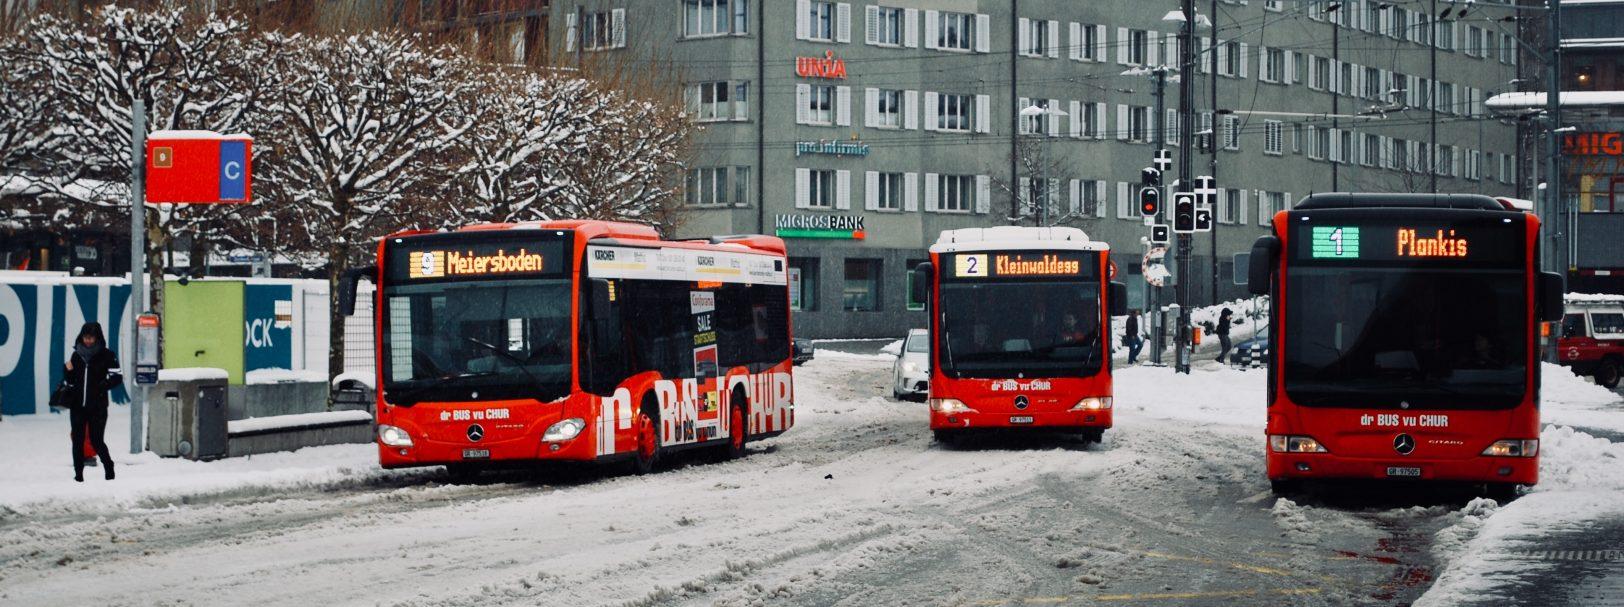 winter_bhf-chur_linie-2-9